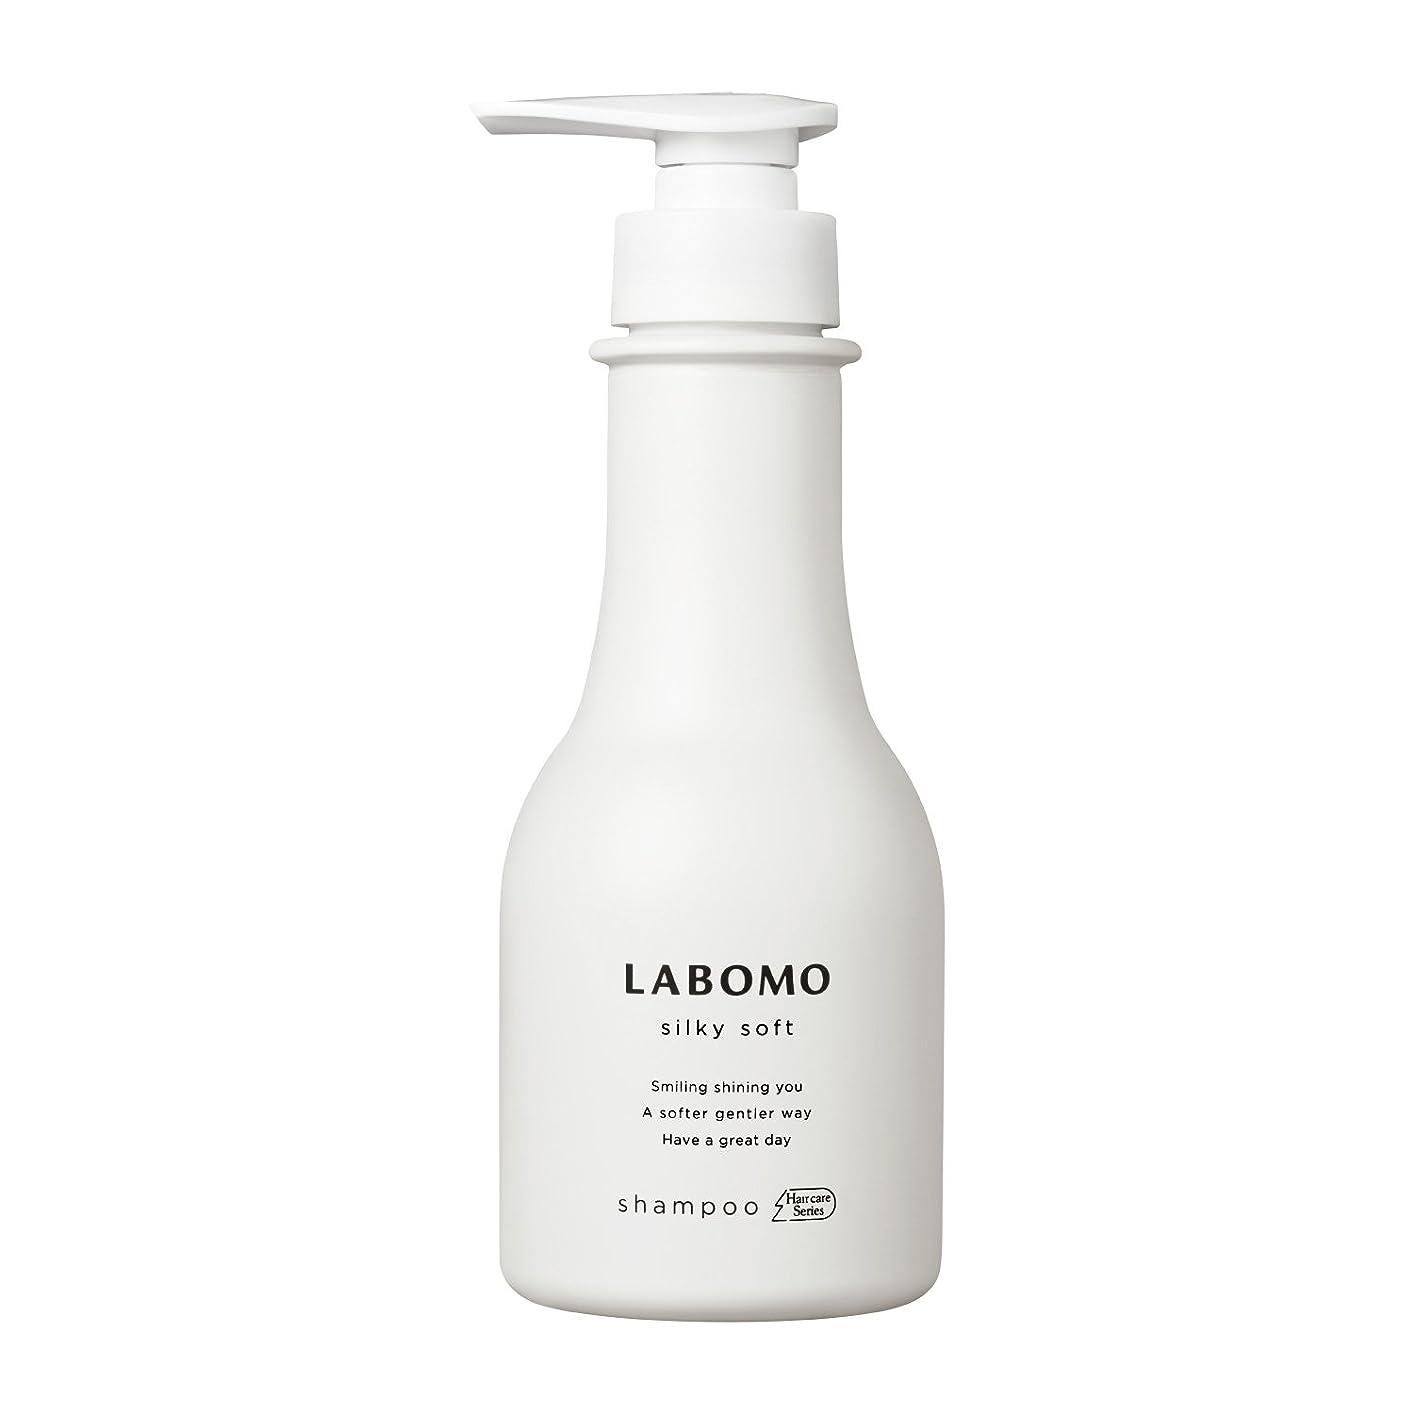 それに応じてすり有名人アートネイチャー ラボモ シルキーソフト シャンプー 《しっとり 保湿 洗い上げ ふんわり》 レディース ダメージケア(医薬部外品) 日本製